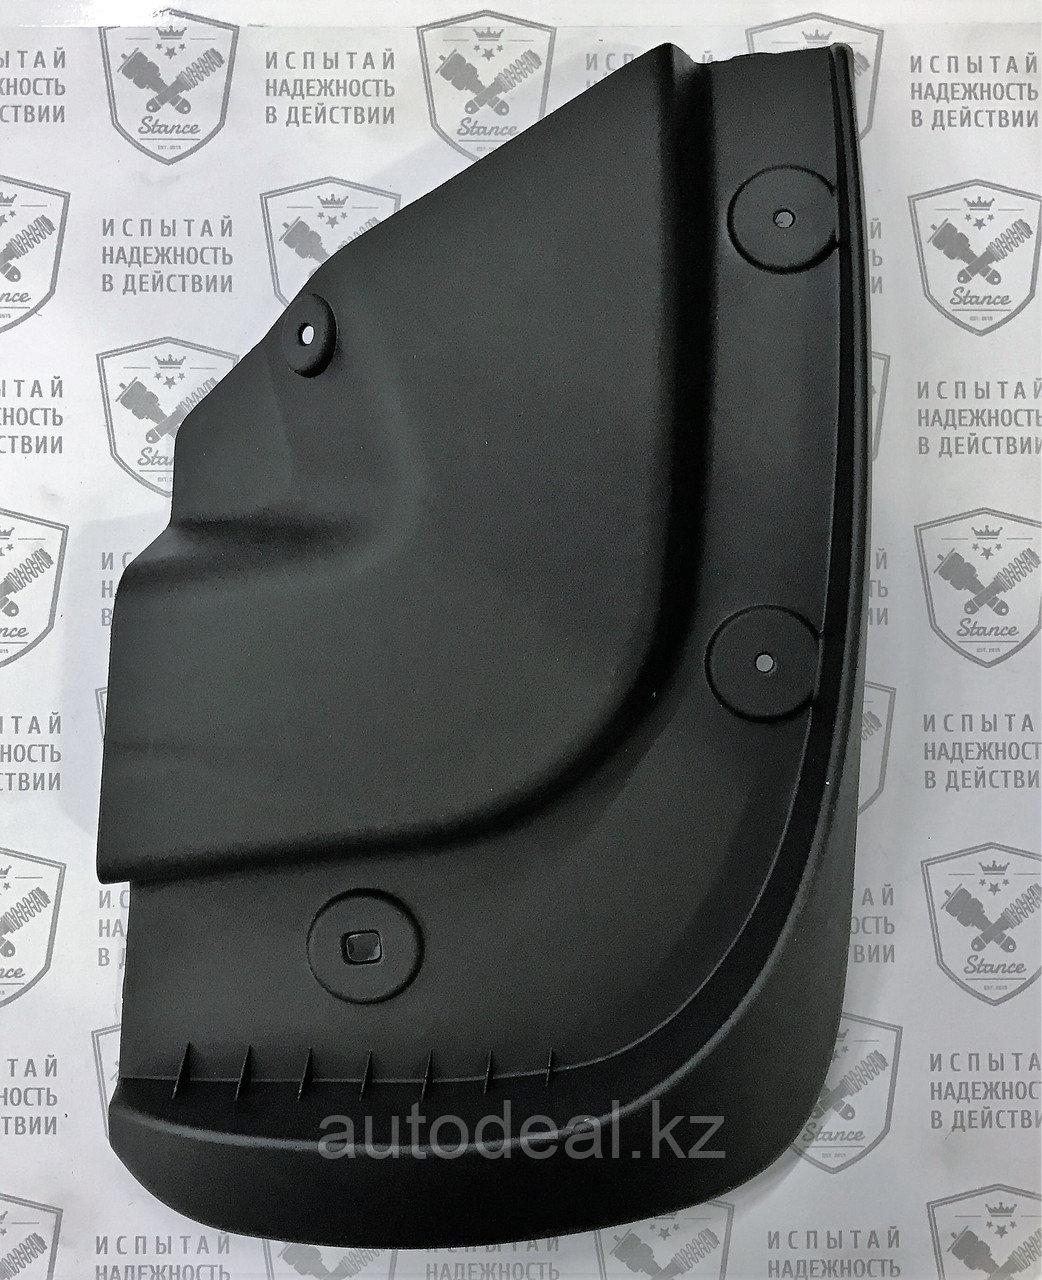 Брызговик задний правый Lifan X60